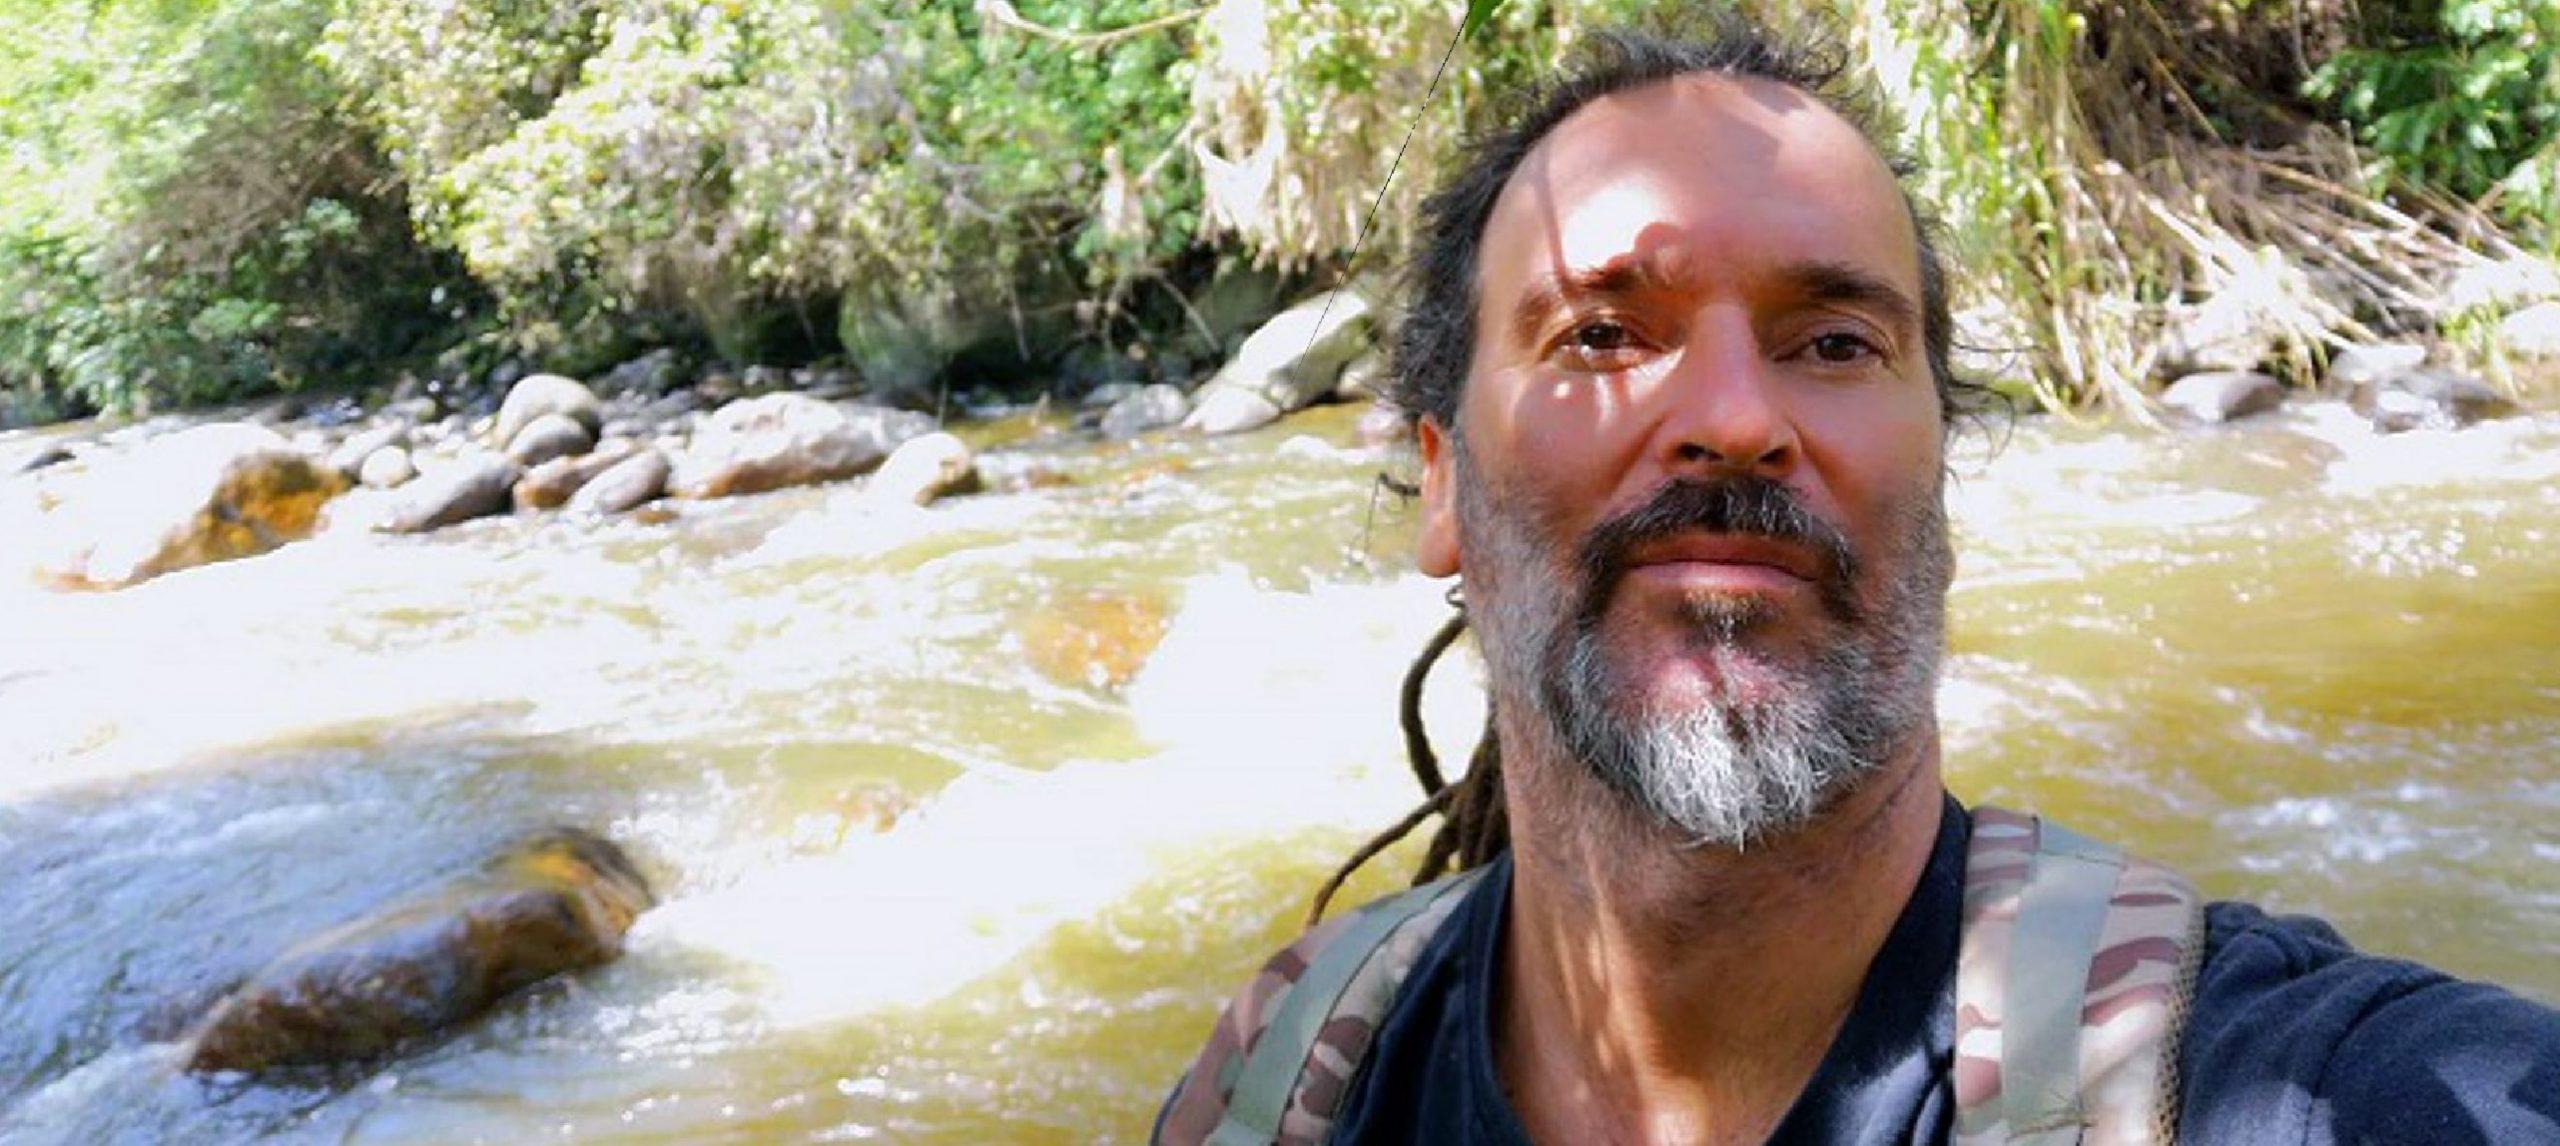 Vedran jungle